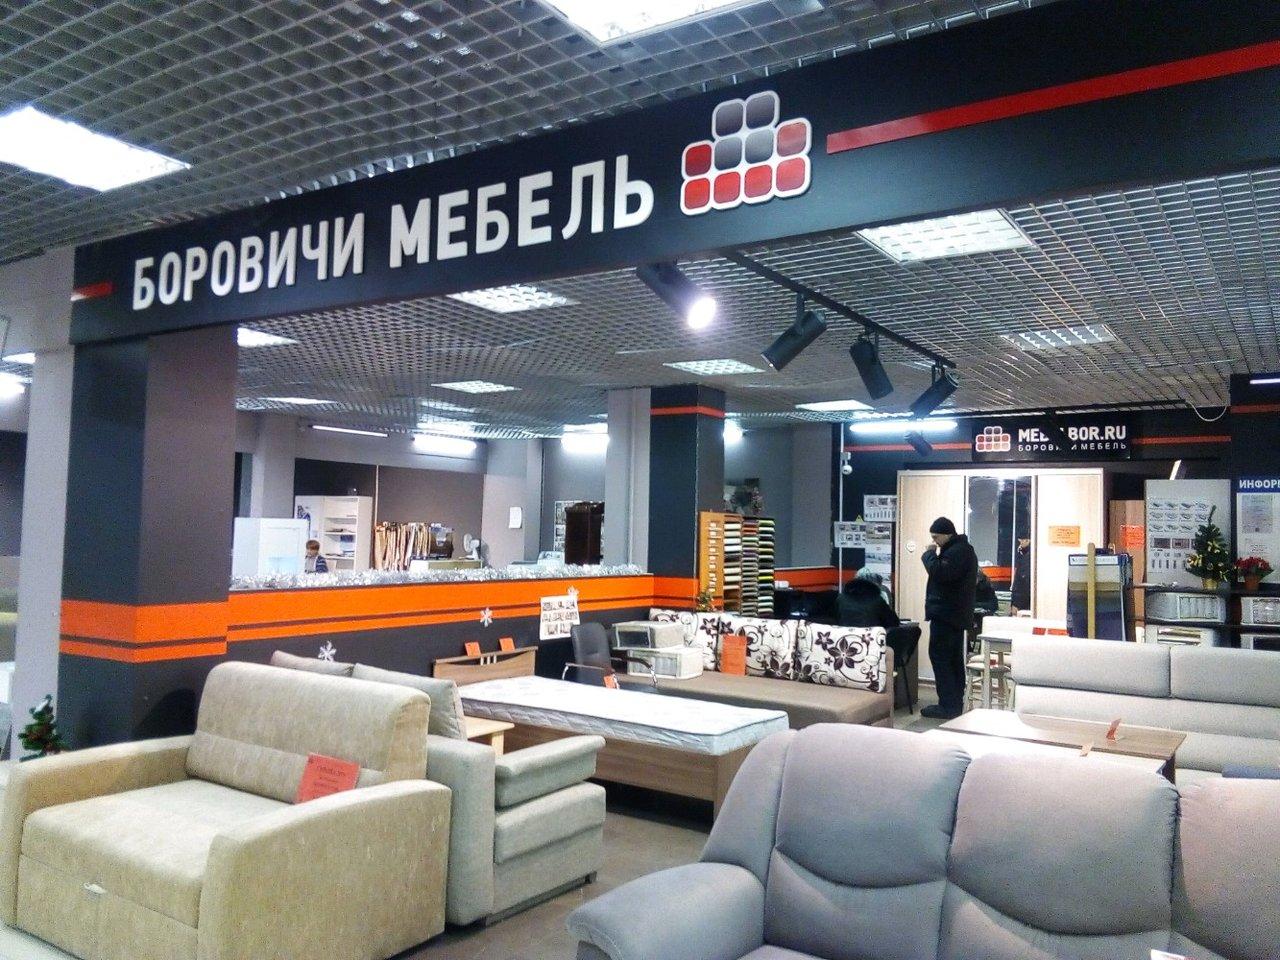 Боровичи мебель в ТЦ Юго-Запад